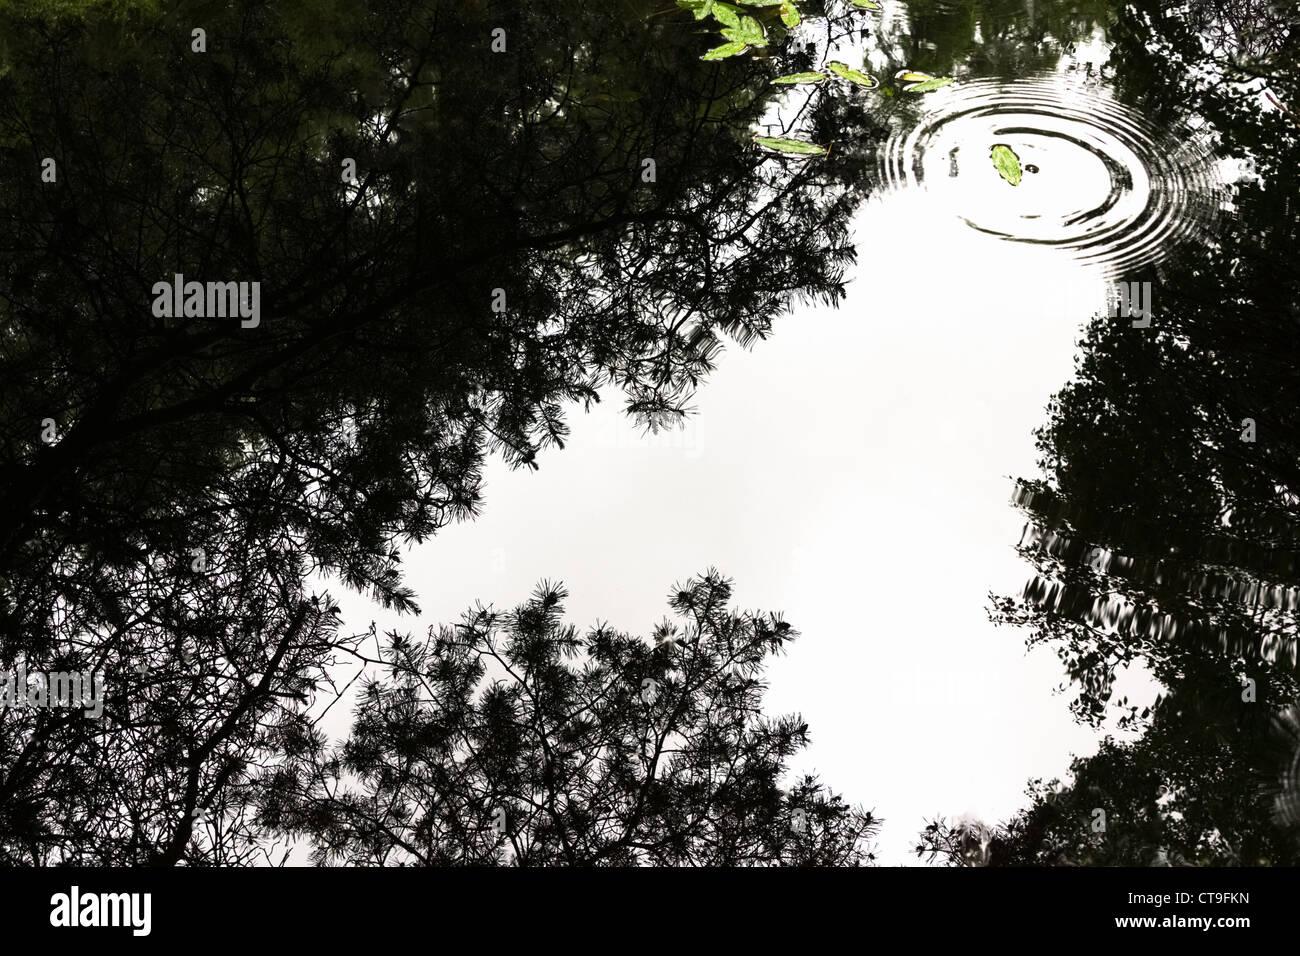 Ripples dalla goccia di pioggia colpendo l'acqua disturbare un perfetto riflesso su uno stagno sulle banche Immagini Stock